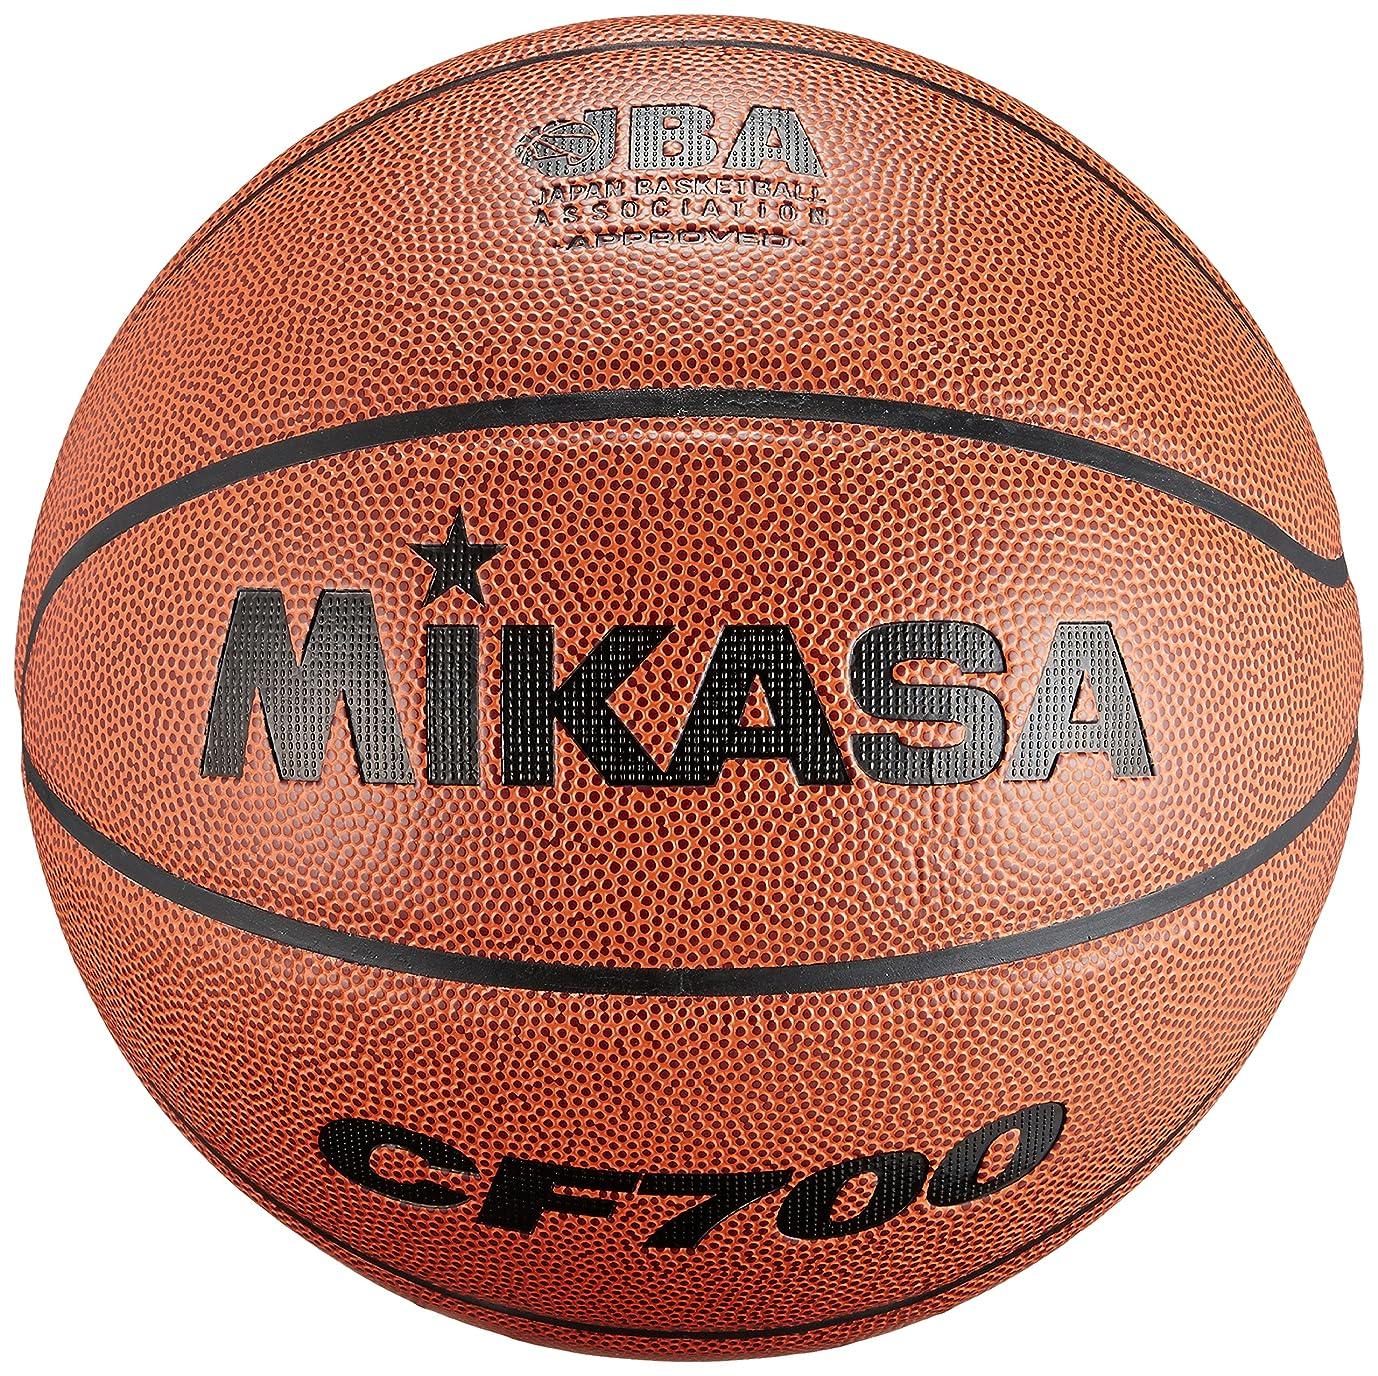 降ろす島むさぼり食うミカサバスケットボール 検定球7号 人工皮革 CF700